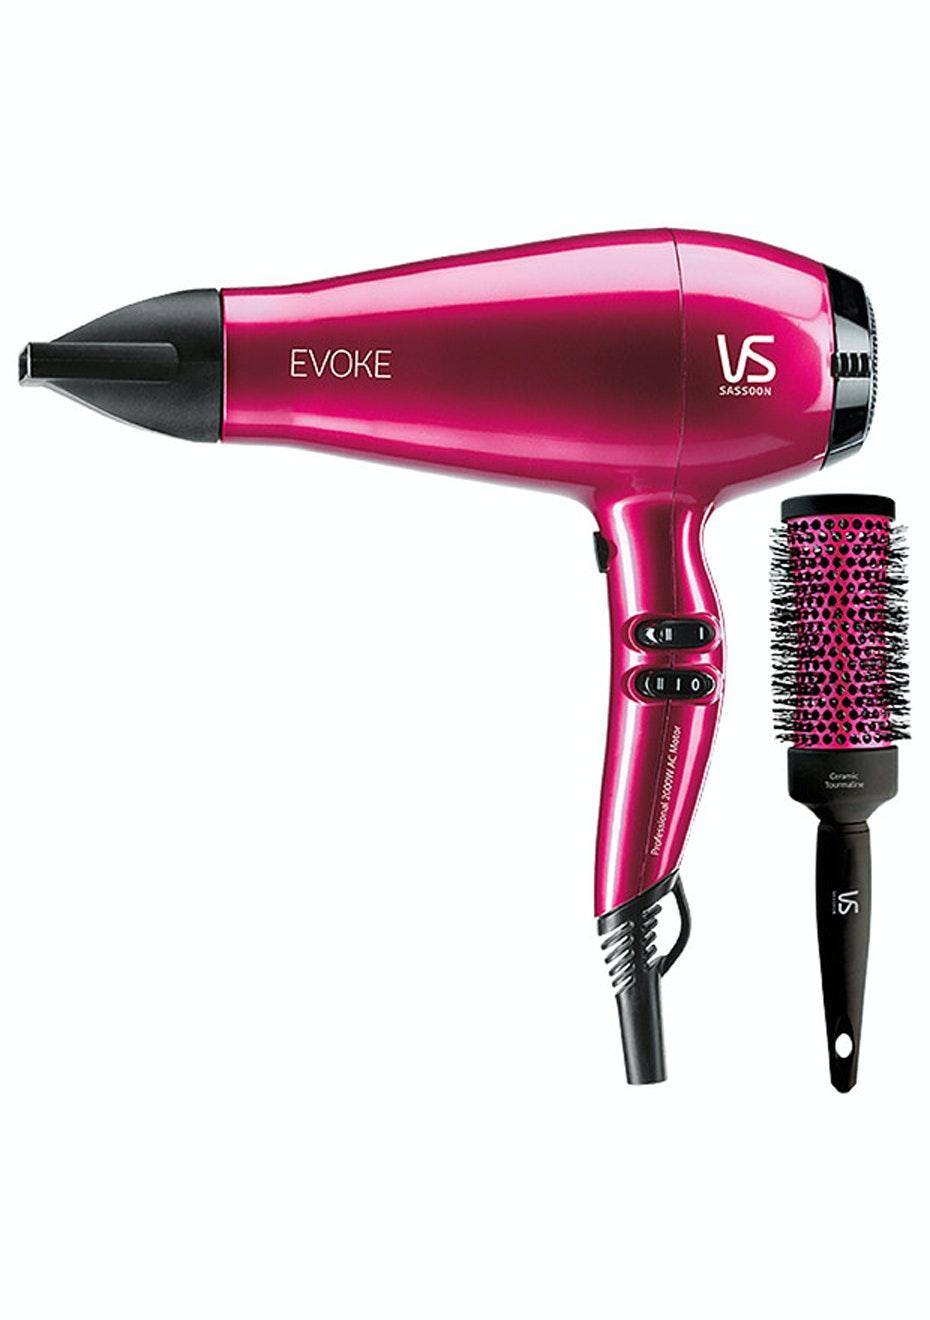 VS Sassoon Evoke Professional Hair Dryer